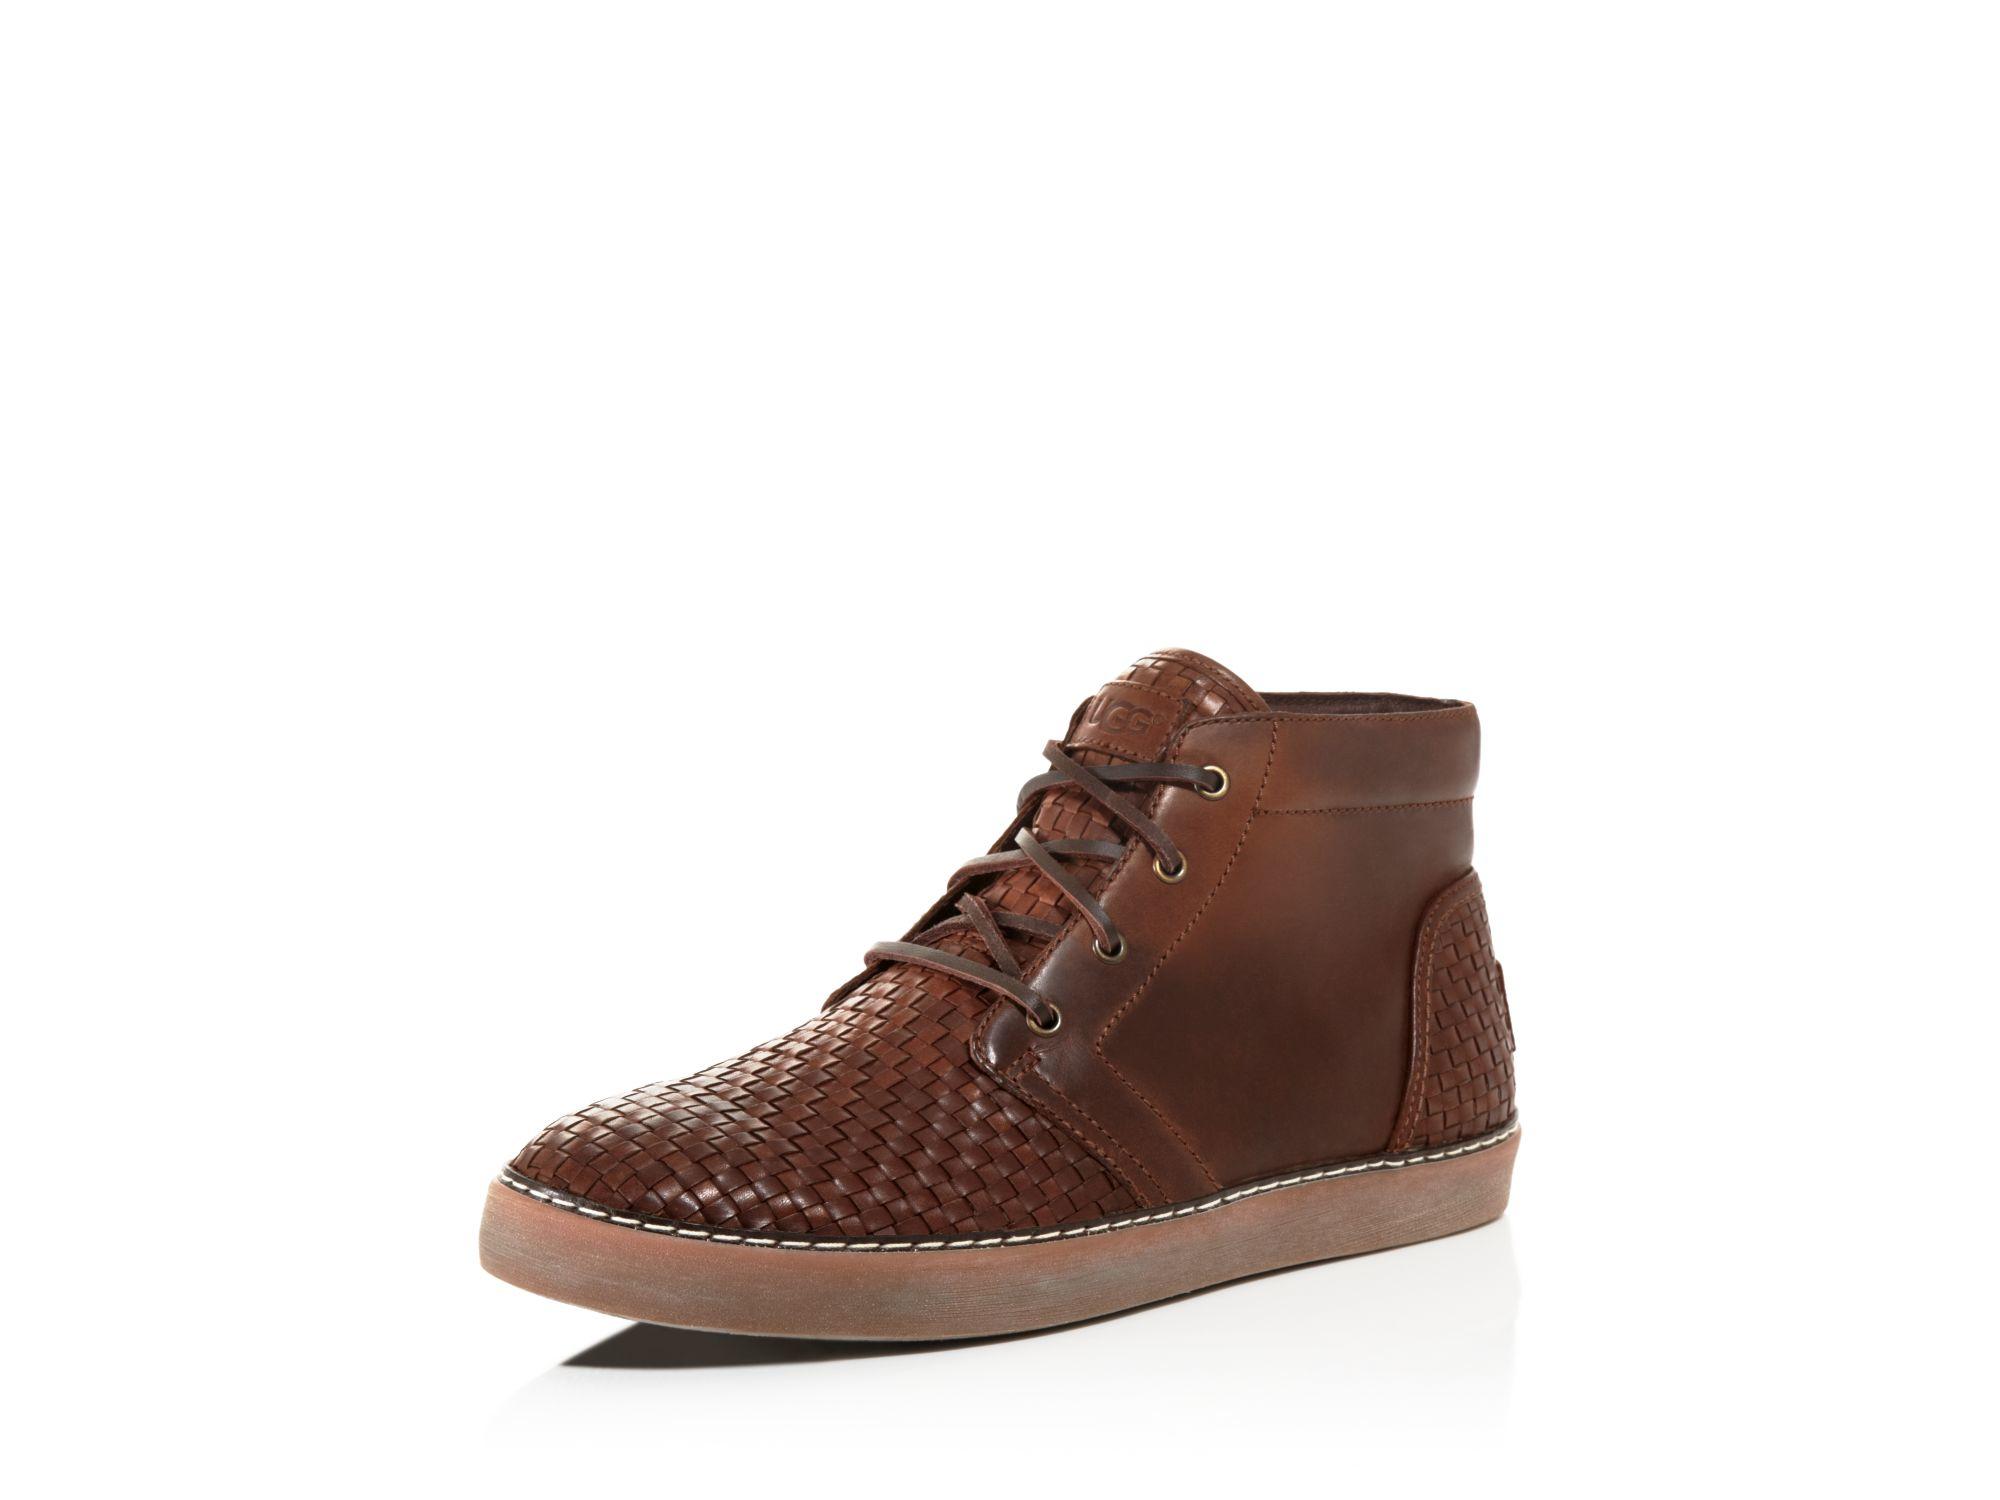 e96c6a6c3f0 Ugg Australia Alin Leather Boots